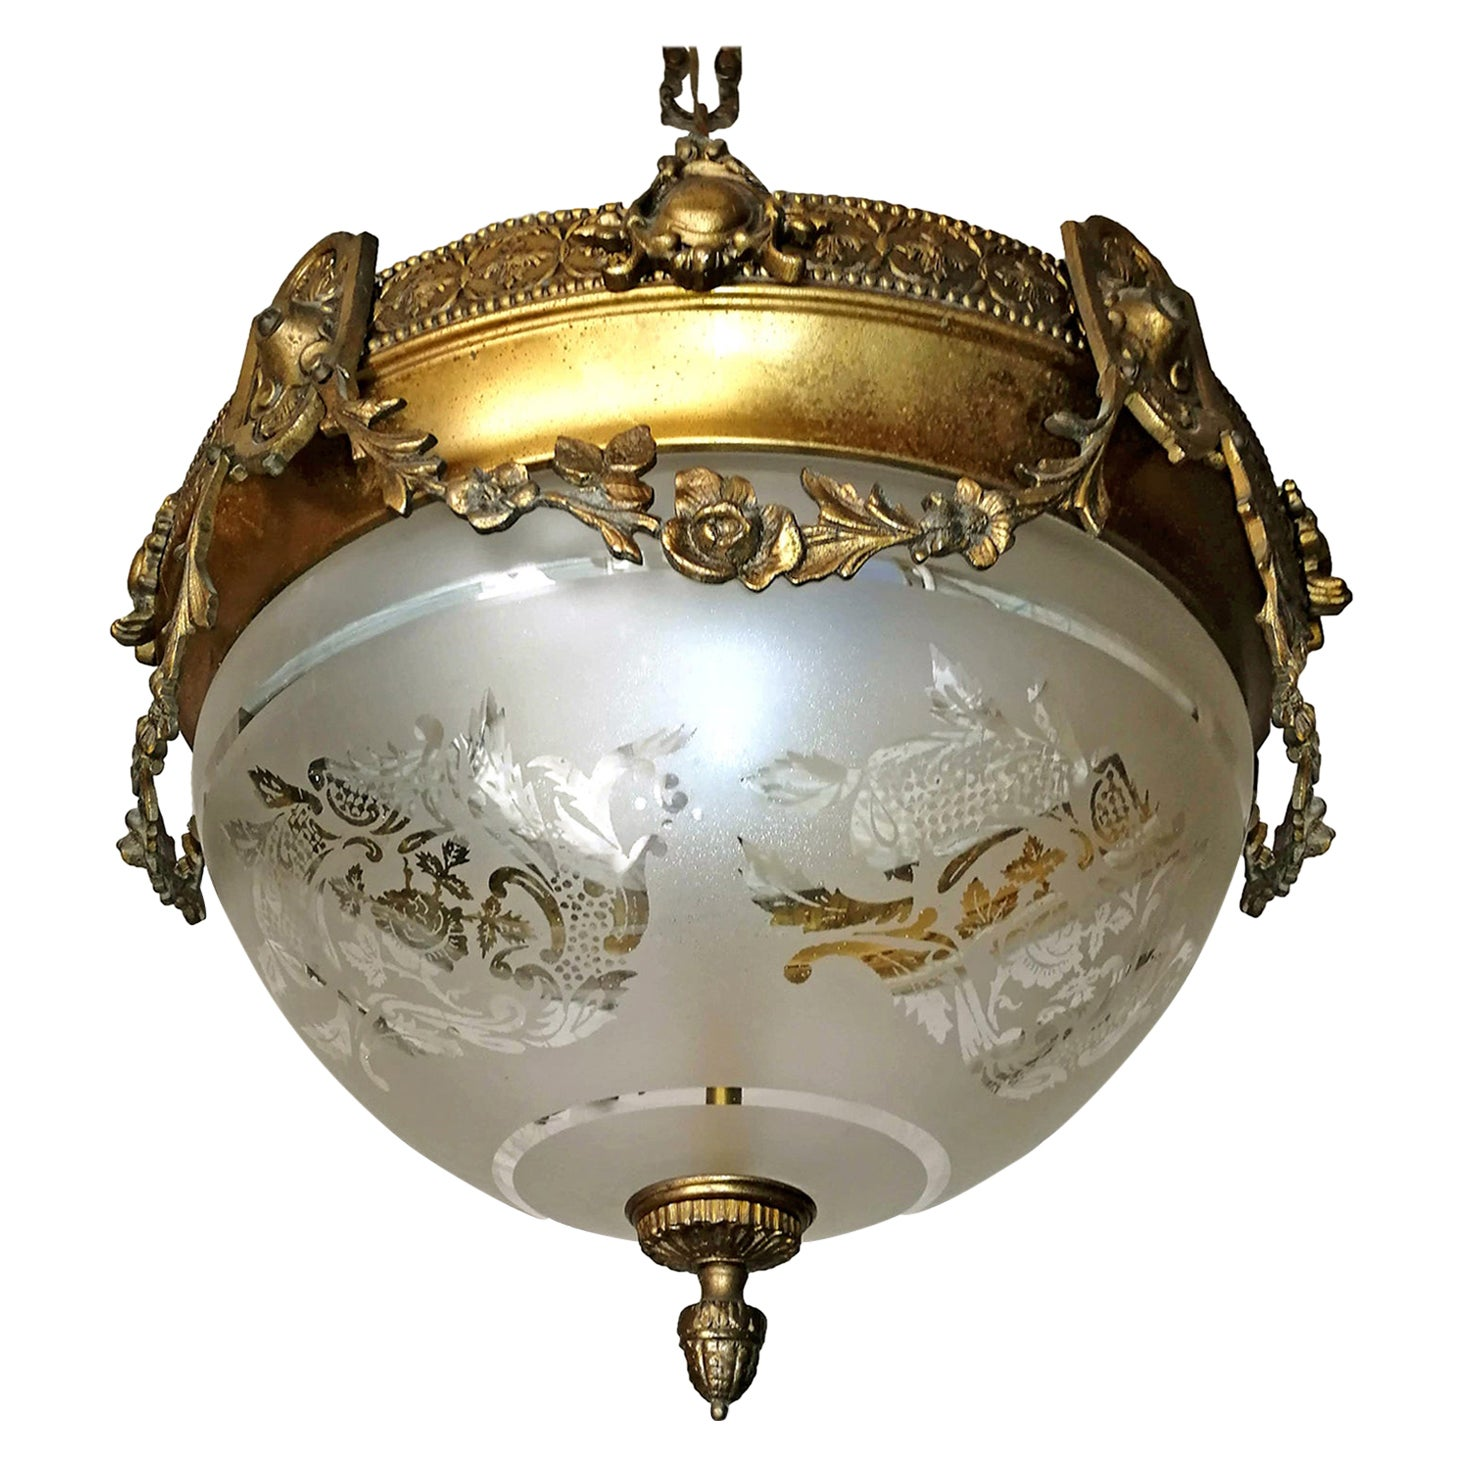 French Art Nouveau Art Deco Gilt Bronze & Etched Glass Chandelier or Flushmount